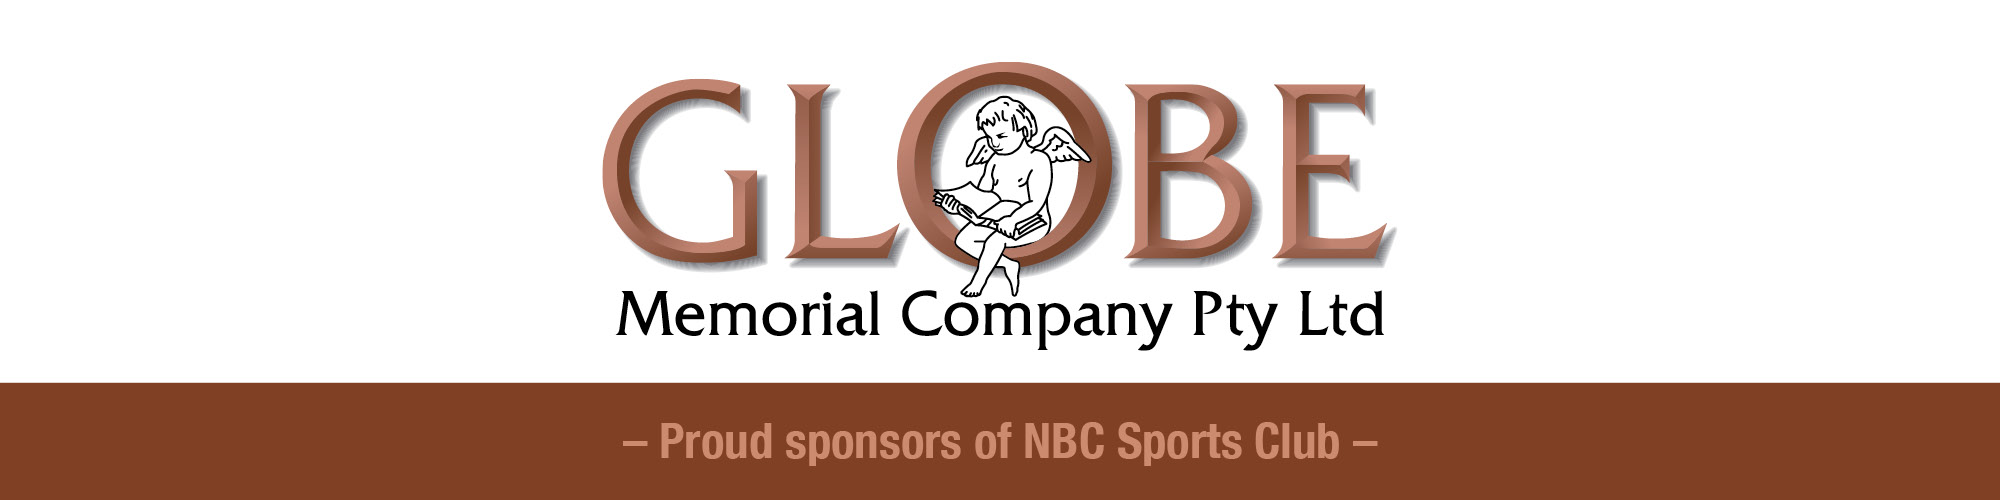 Globe-website-slide-2000x500